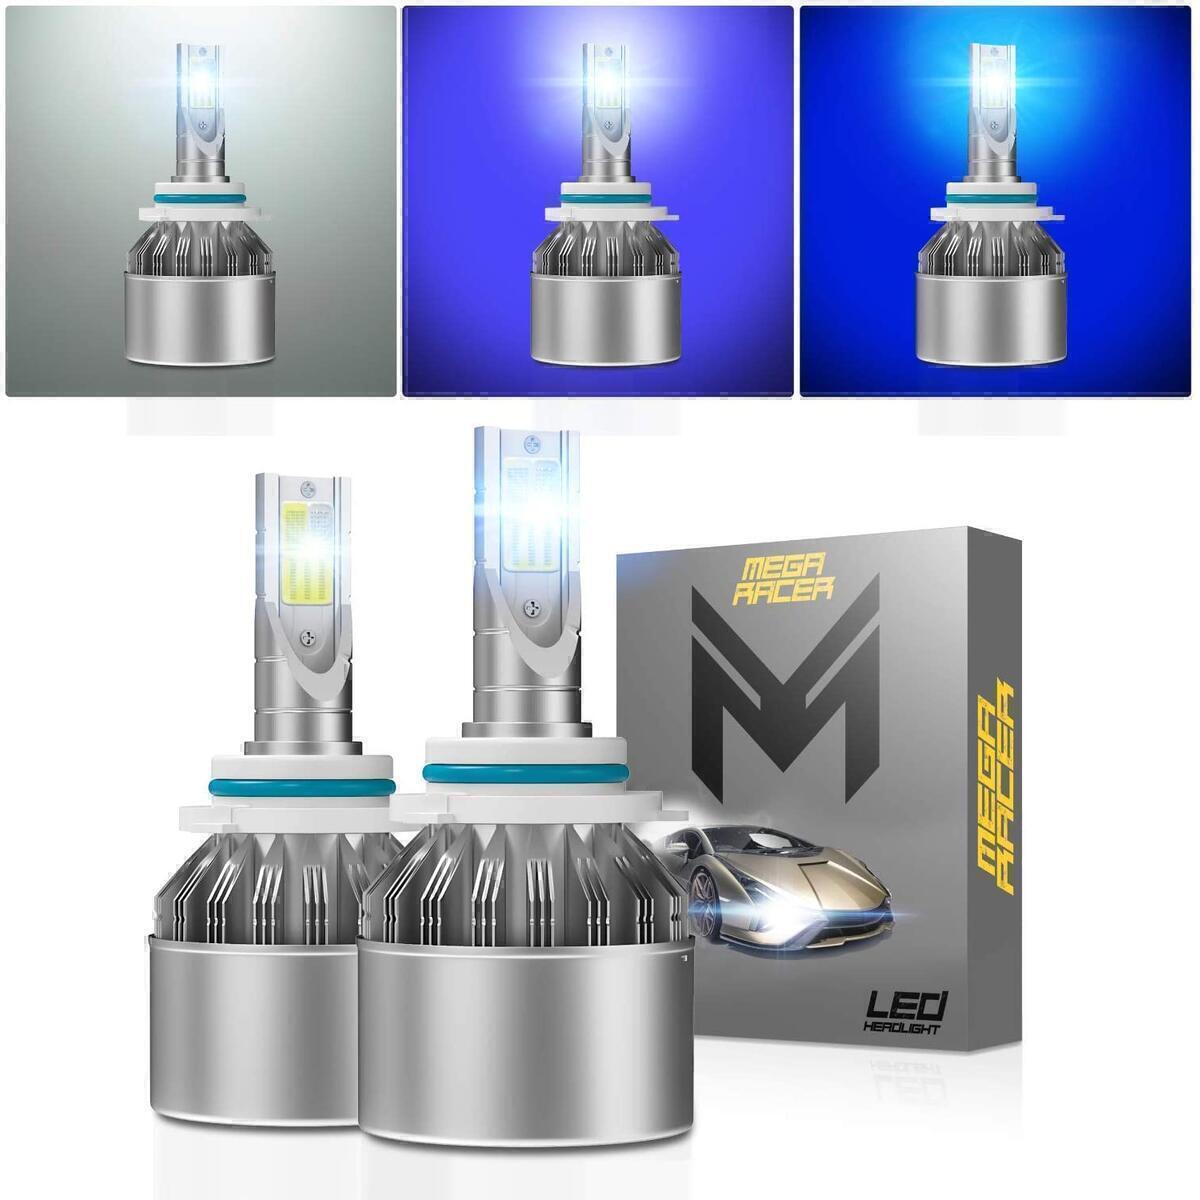 Mega Racer H10/HB3/9005 LED Headlight Bulbs, 3 Colors Changing Lights (6000K Diamond White, 8000K Ice Blue, 10000K Dark Blue) for High Beam/Low Beam/Fog Lights, 50W 8000 Lumens COB IP68, Pack of 2